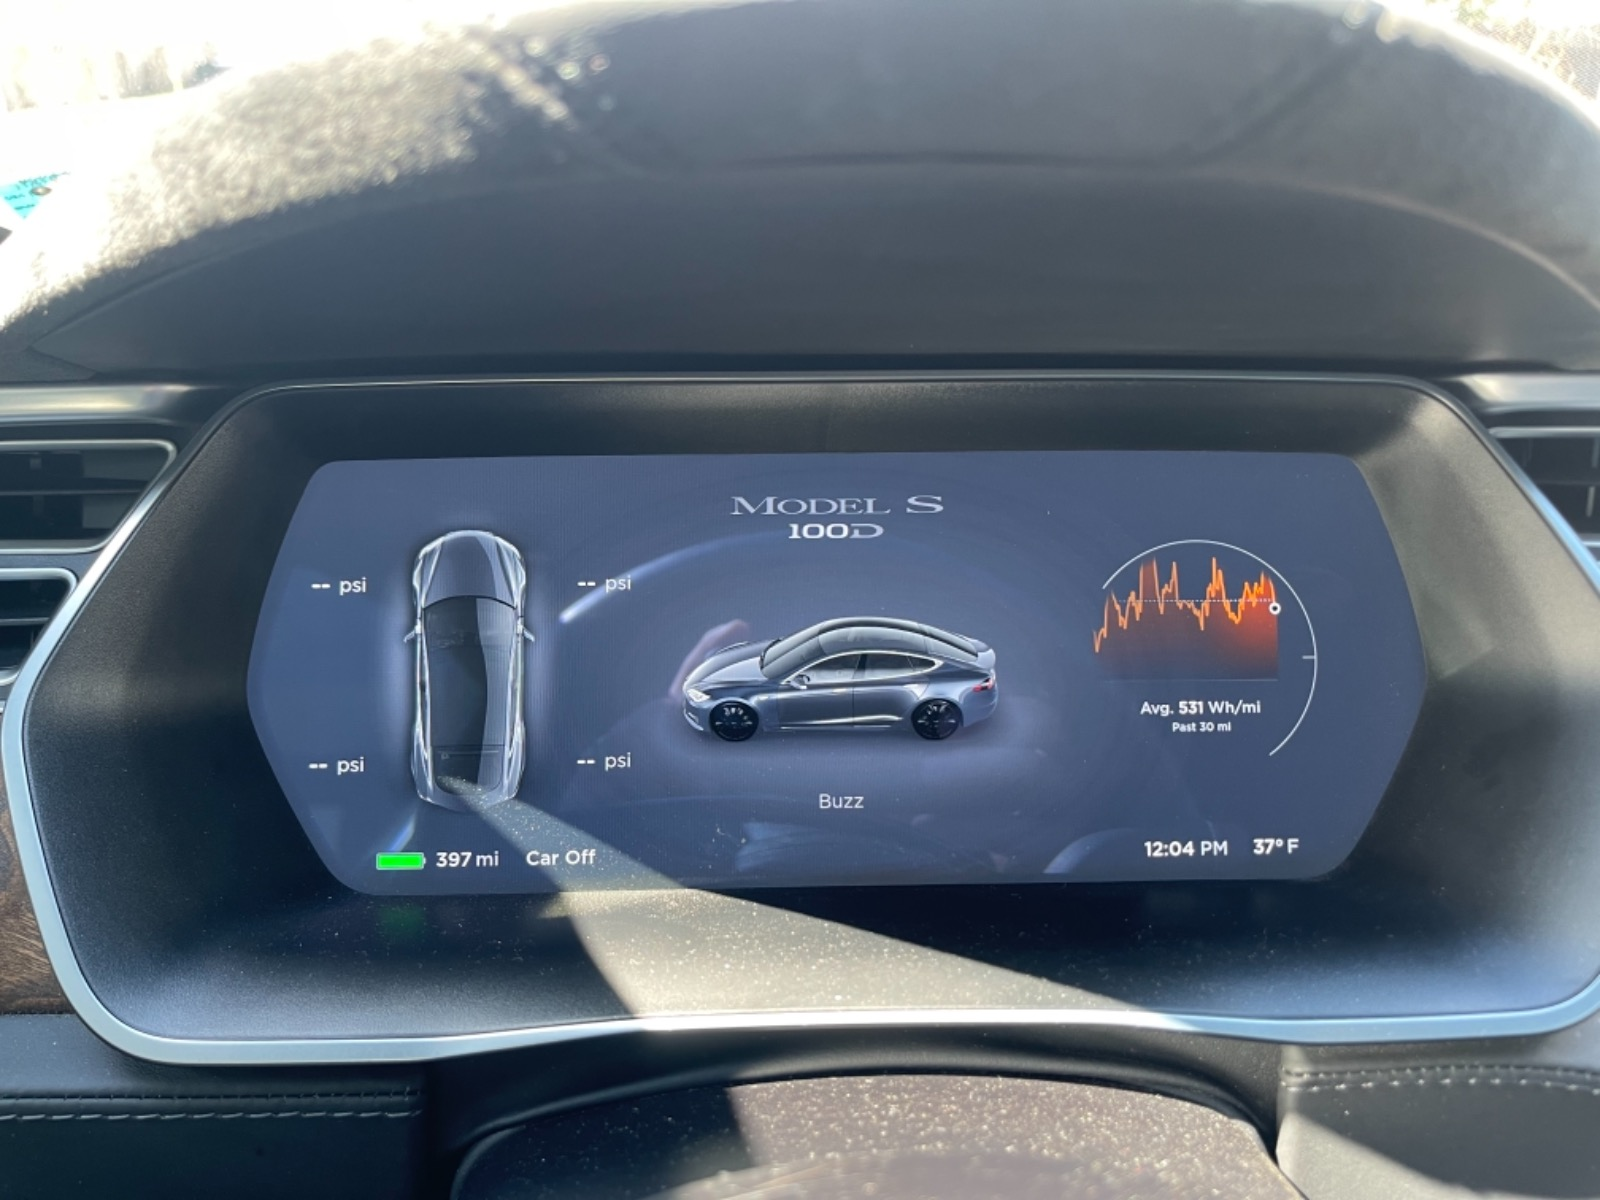 2017 Model S 100D full